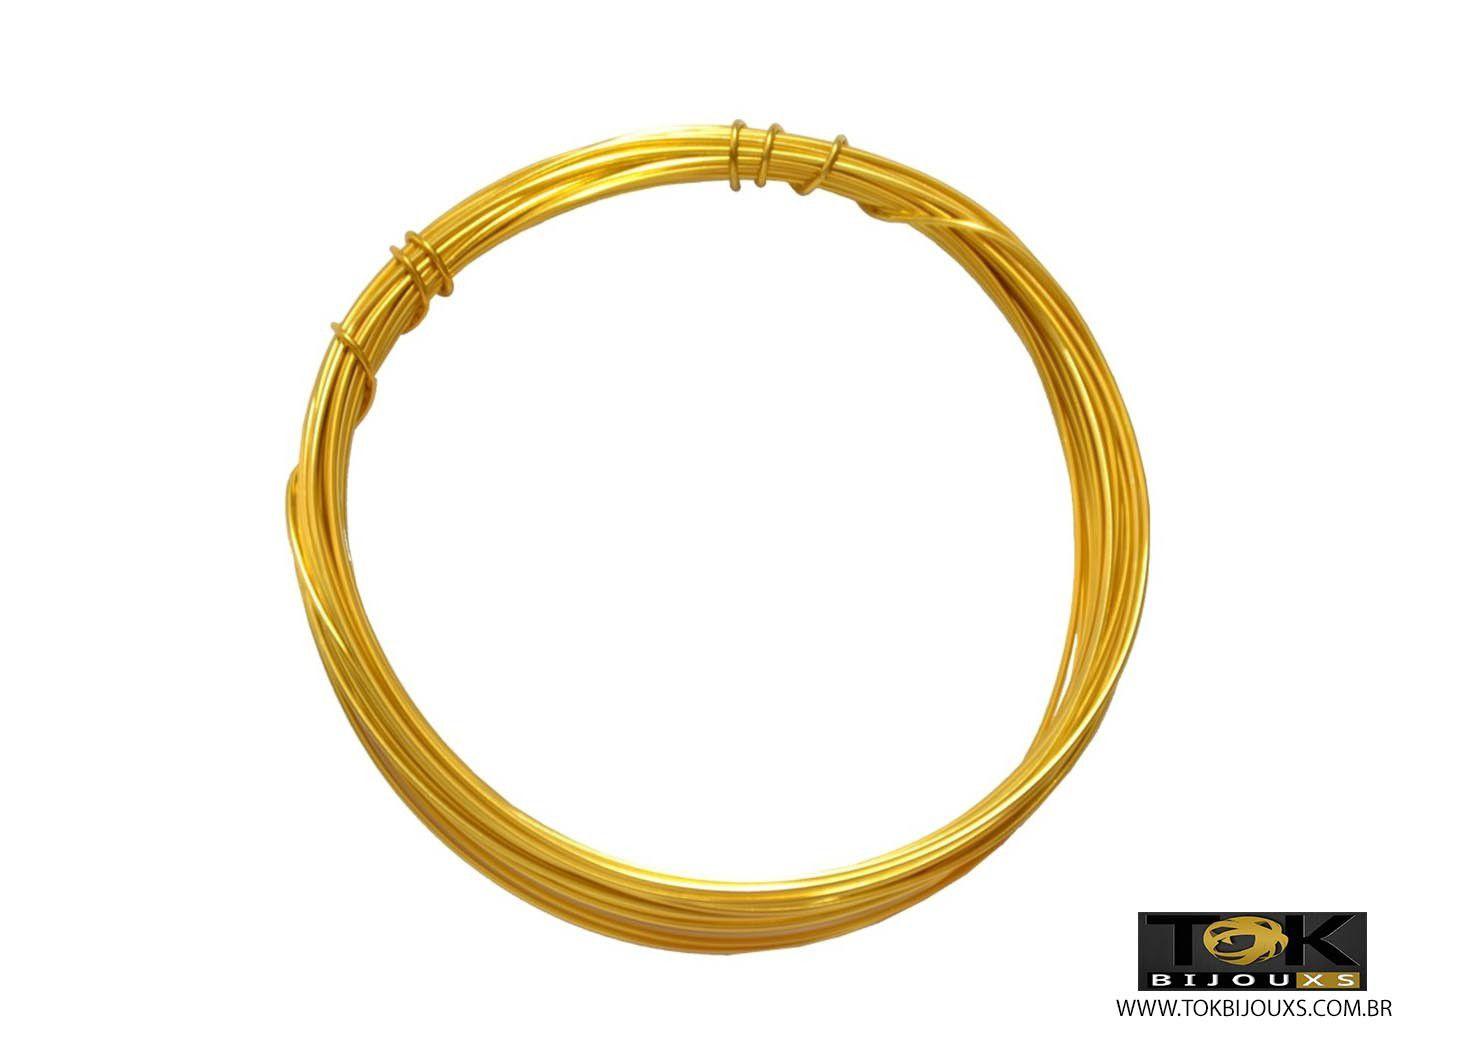 Arame Aluminio Dourado 0,8mm - 1 kg